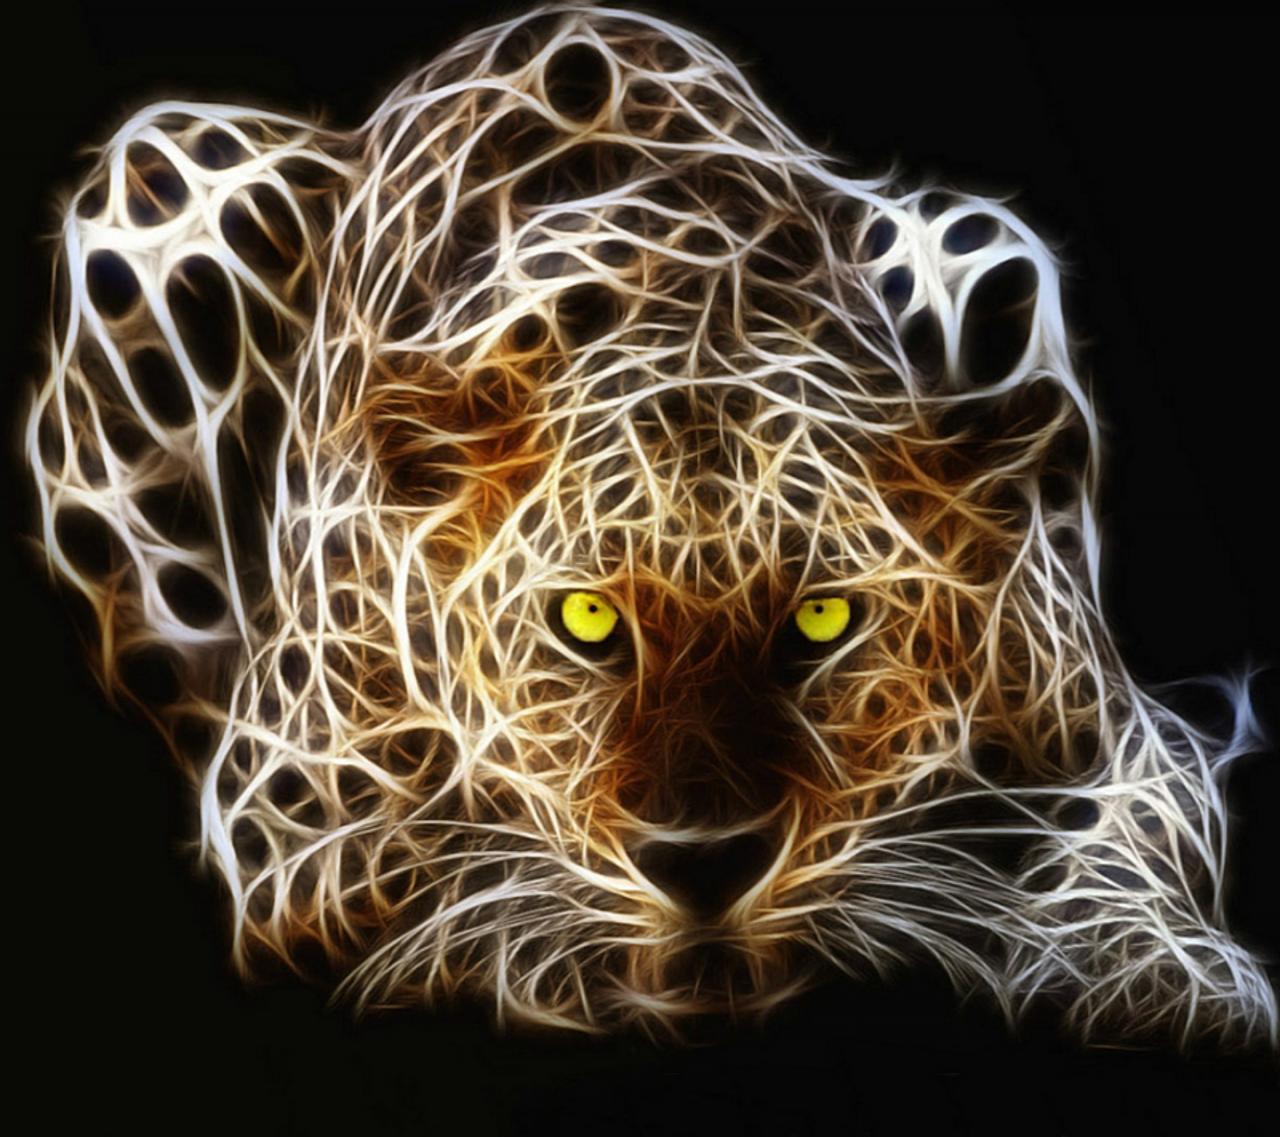 صورة كم حيوان بالصورة , التعرف على الحيونات المفترسه بالصوره